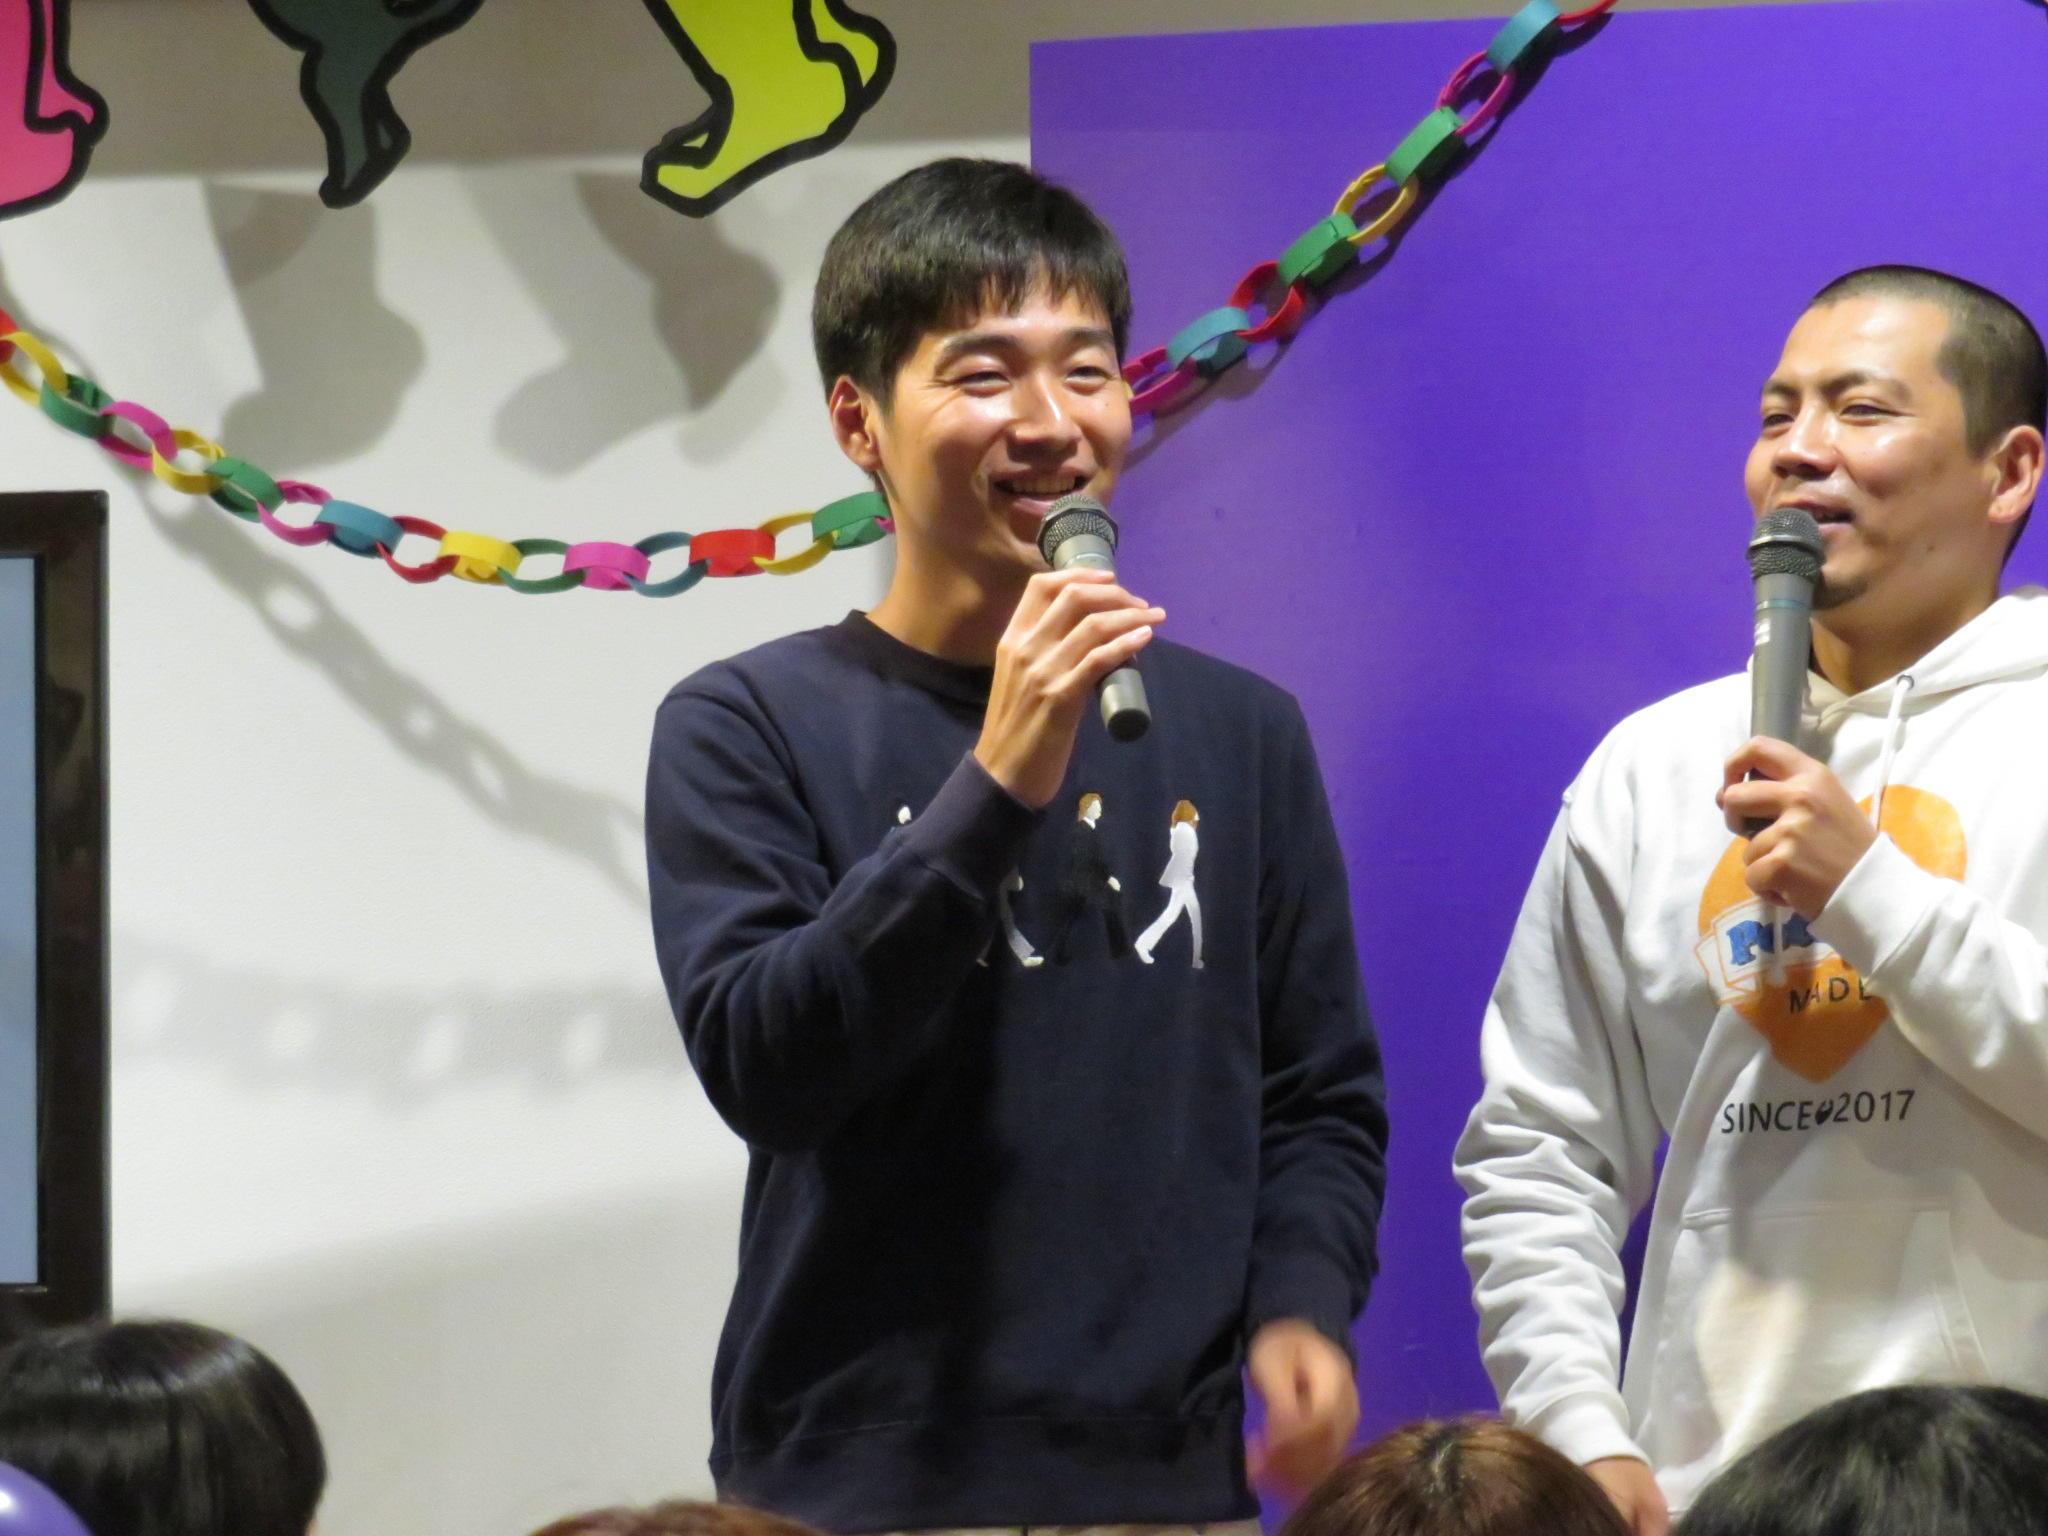 http://news.yoshimoto.co.jp/20190201193603-50cd8f9e69b7635a6f66d8ccf498234524f197af.jpg